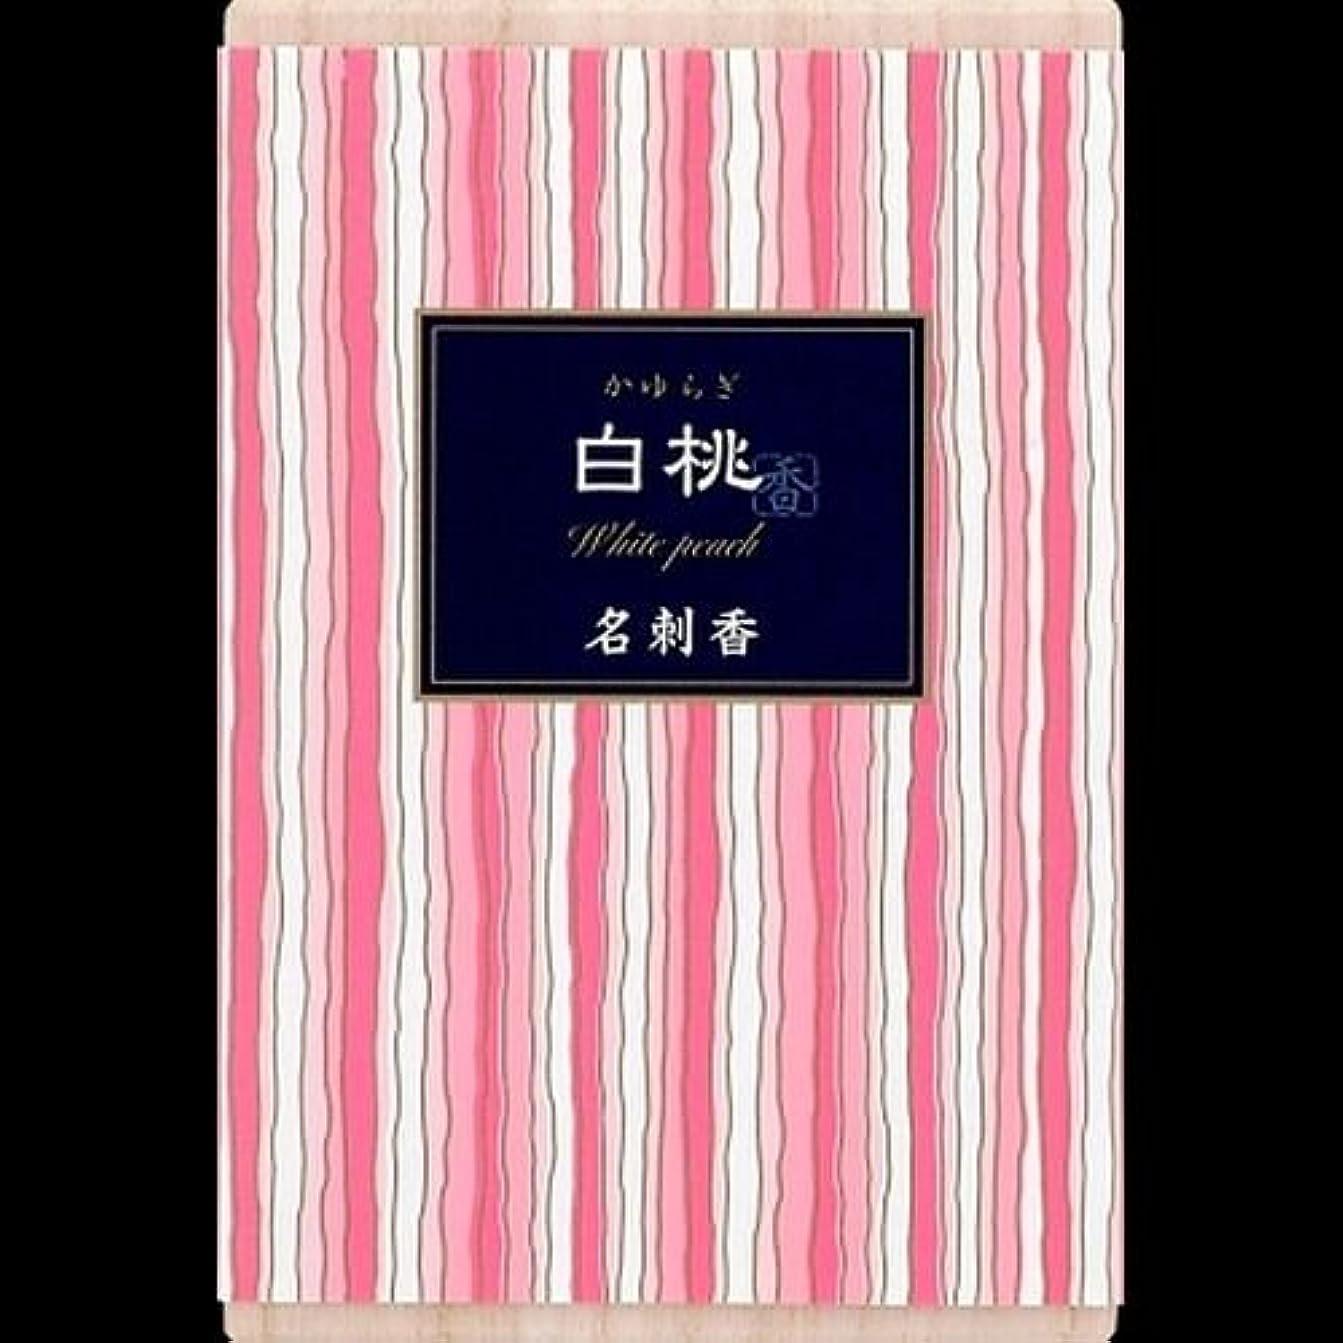 内訳浜辺メタルライン【まとめ買い】かゆらぎ 白桃 名刺香 桐箱 6入 ×2セット